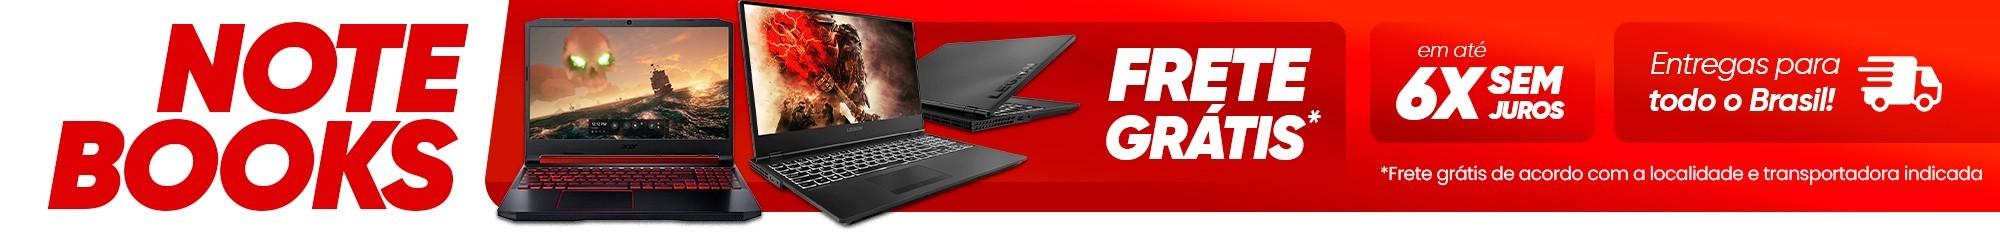 Notebook Recertificado em Promoção